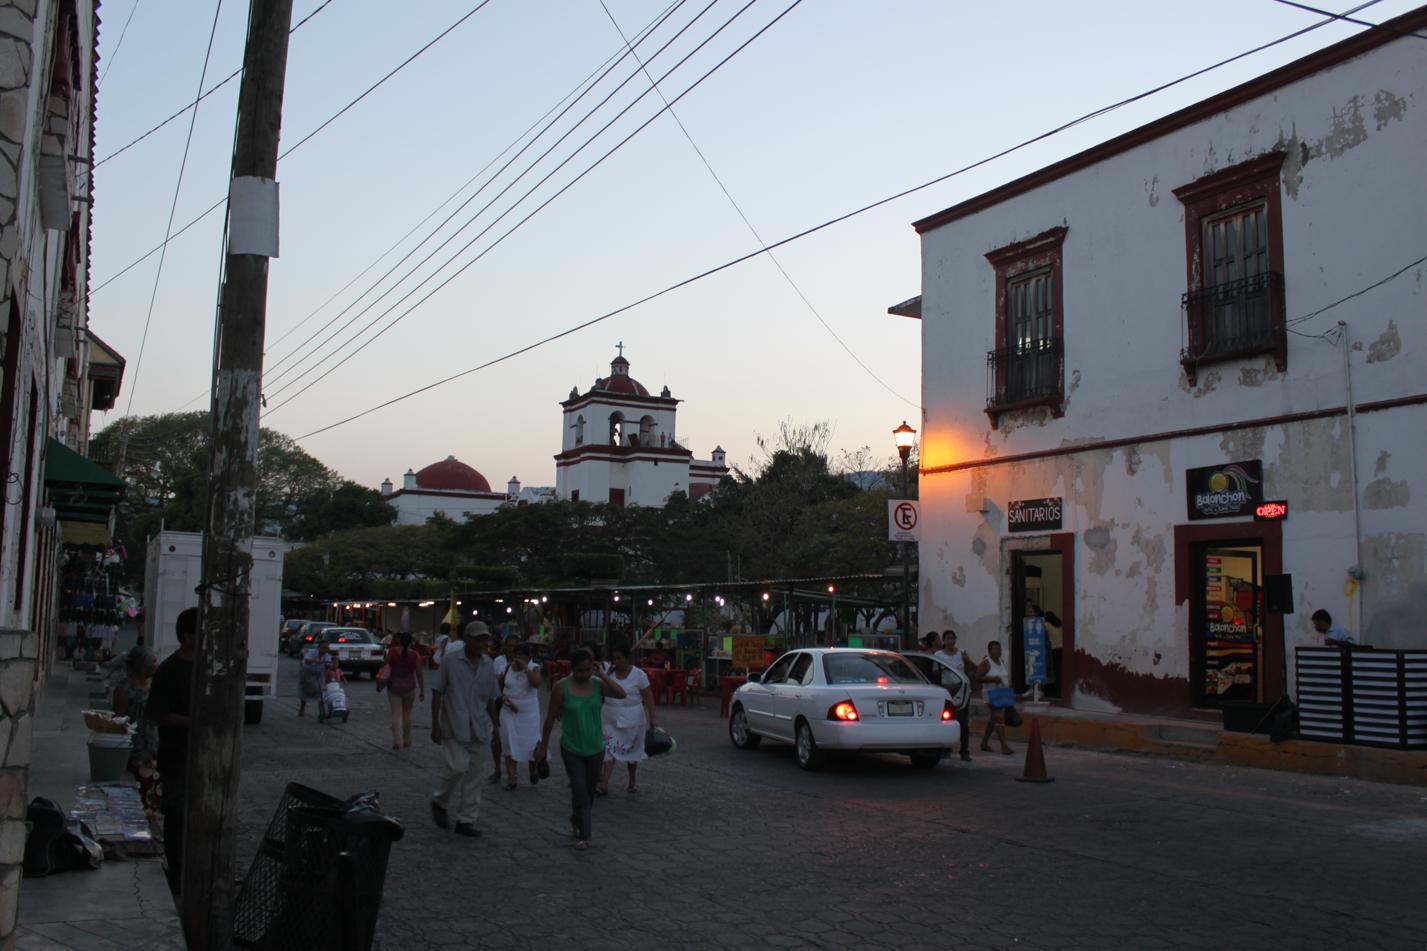 In der Nähe des Marktes war auch noch am Abend reges Treiben.